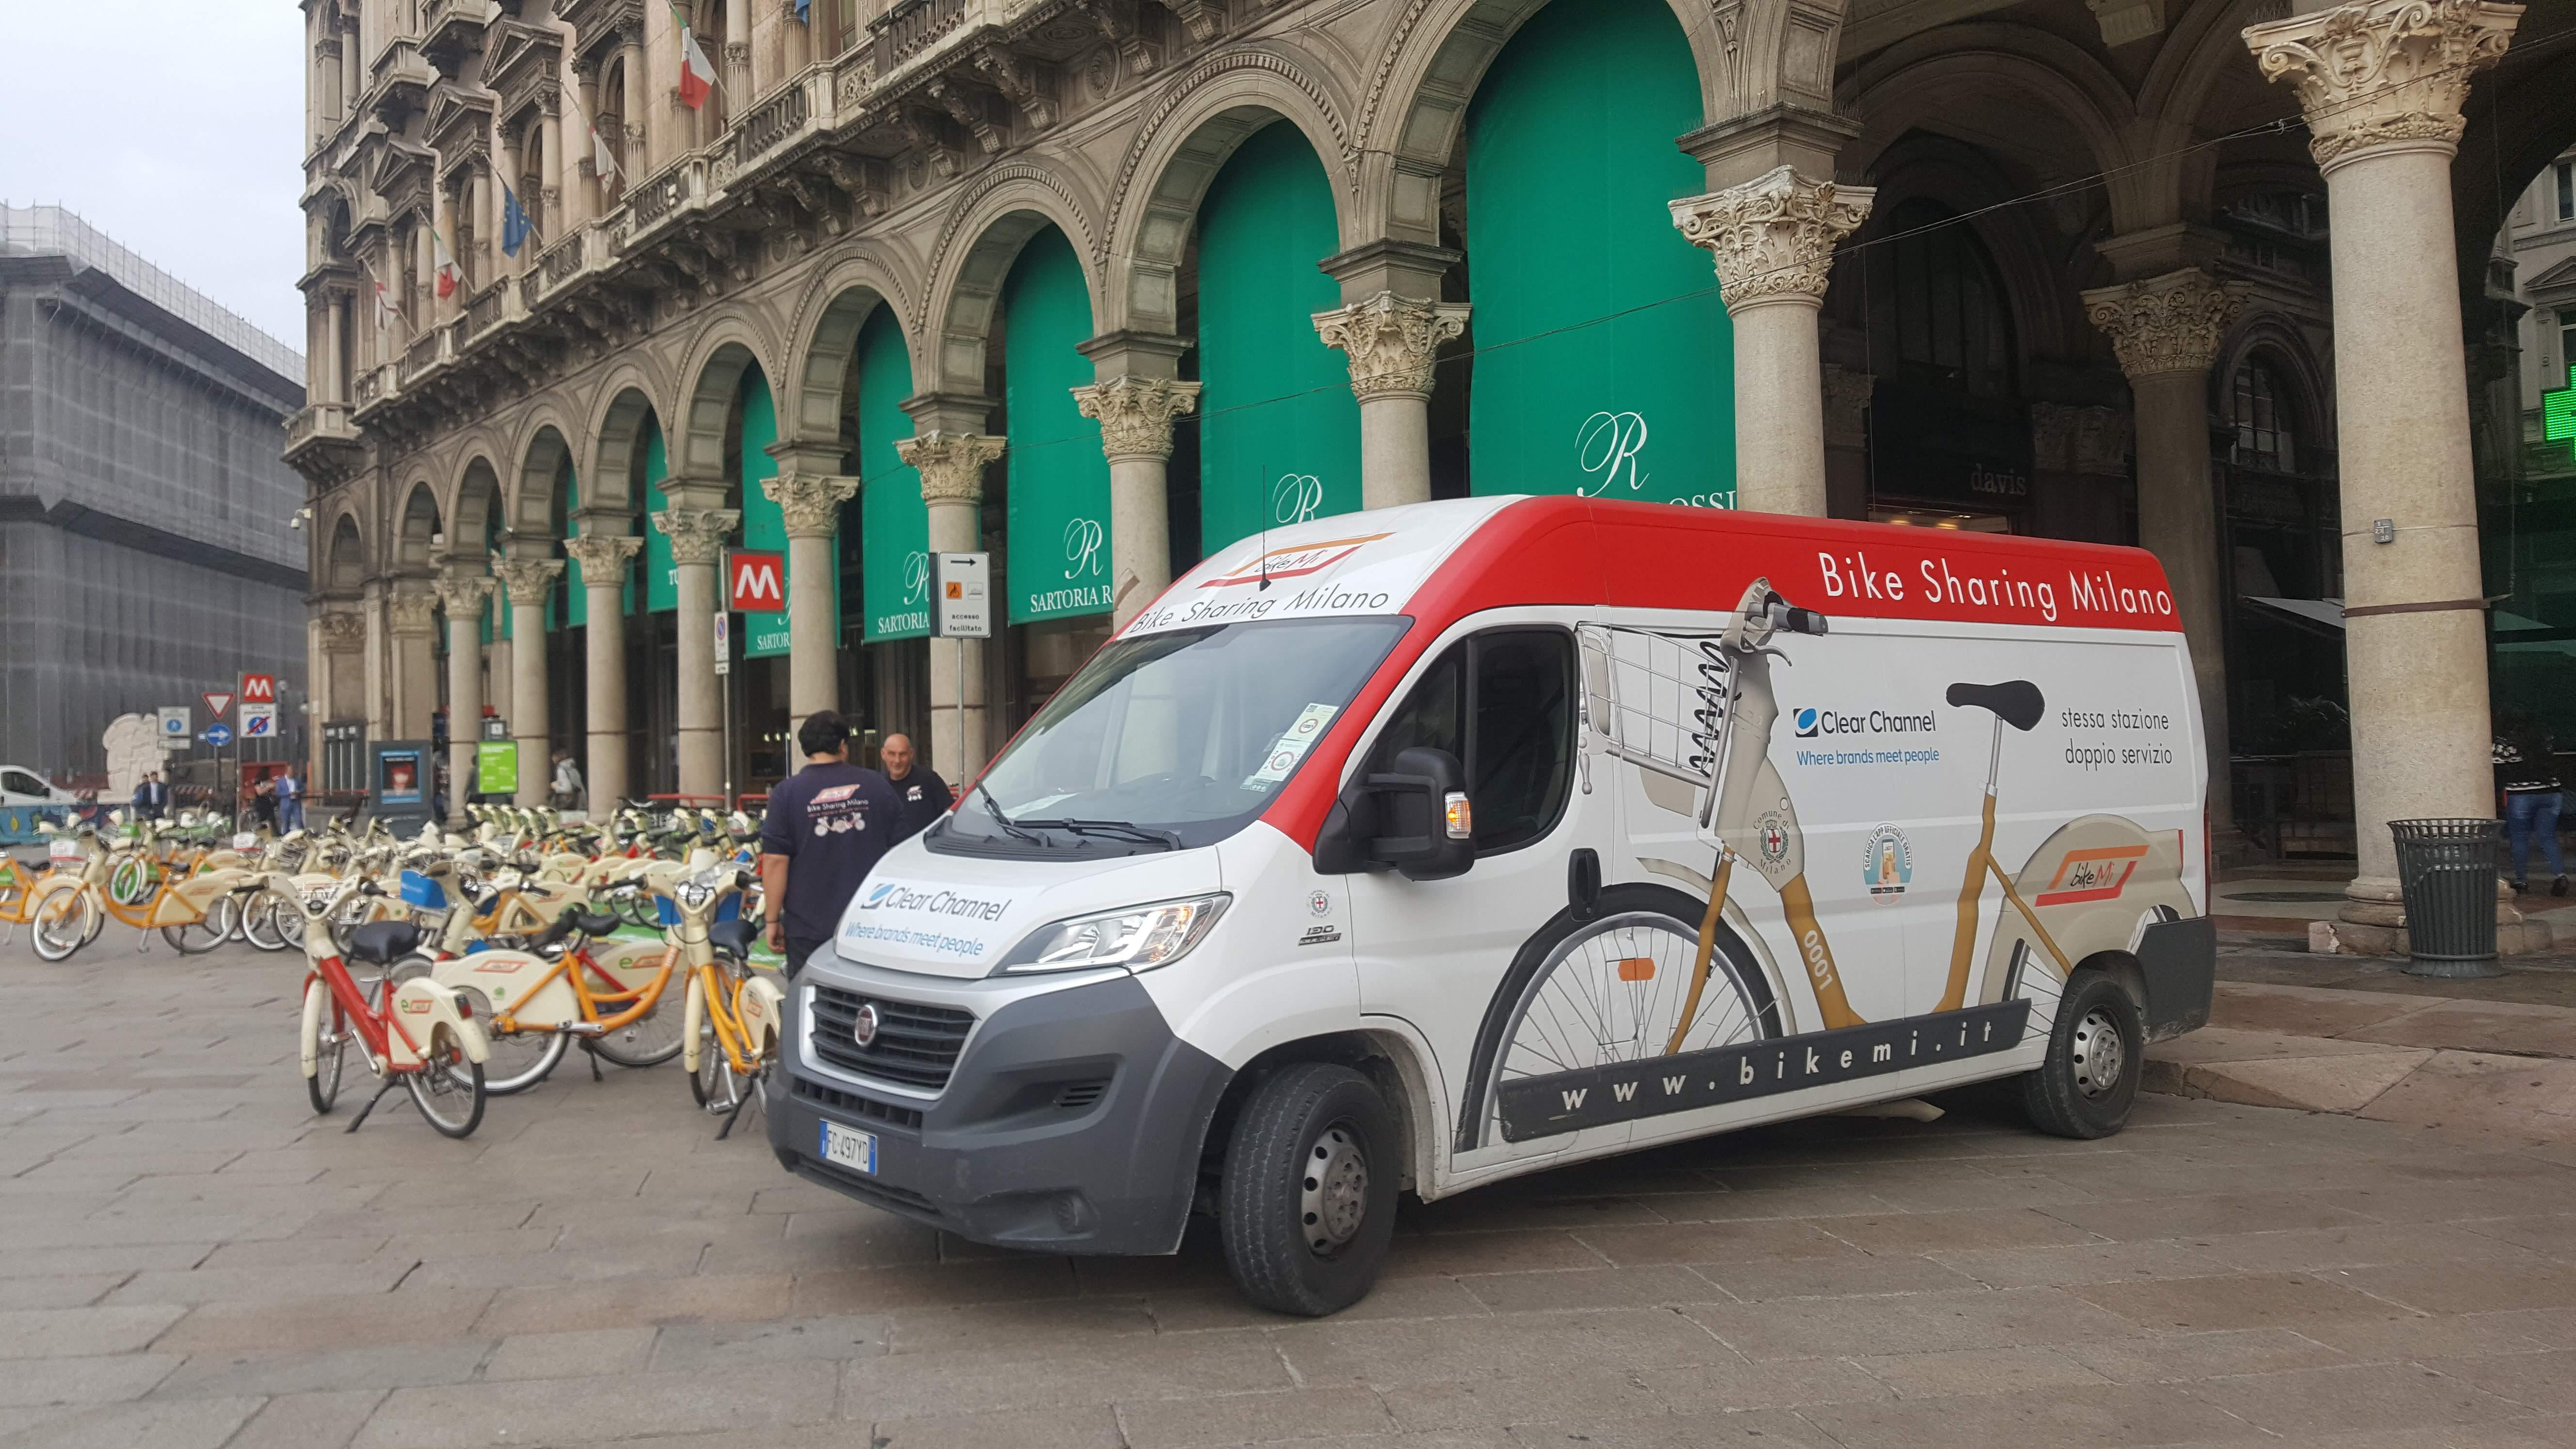 רכבים יעודיים לטיפול באופניים שיתופיים במילאנו